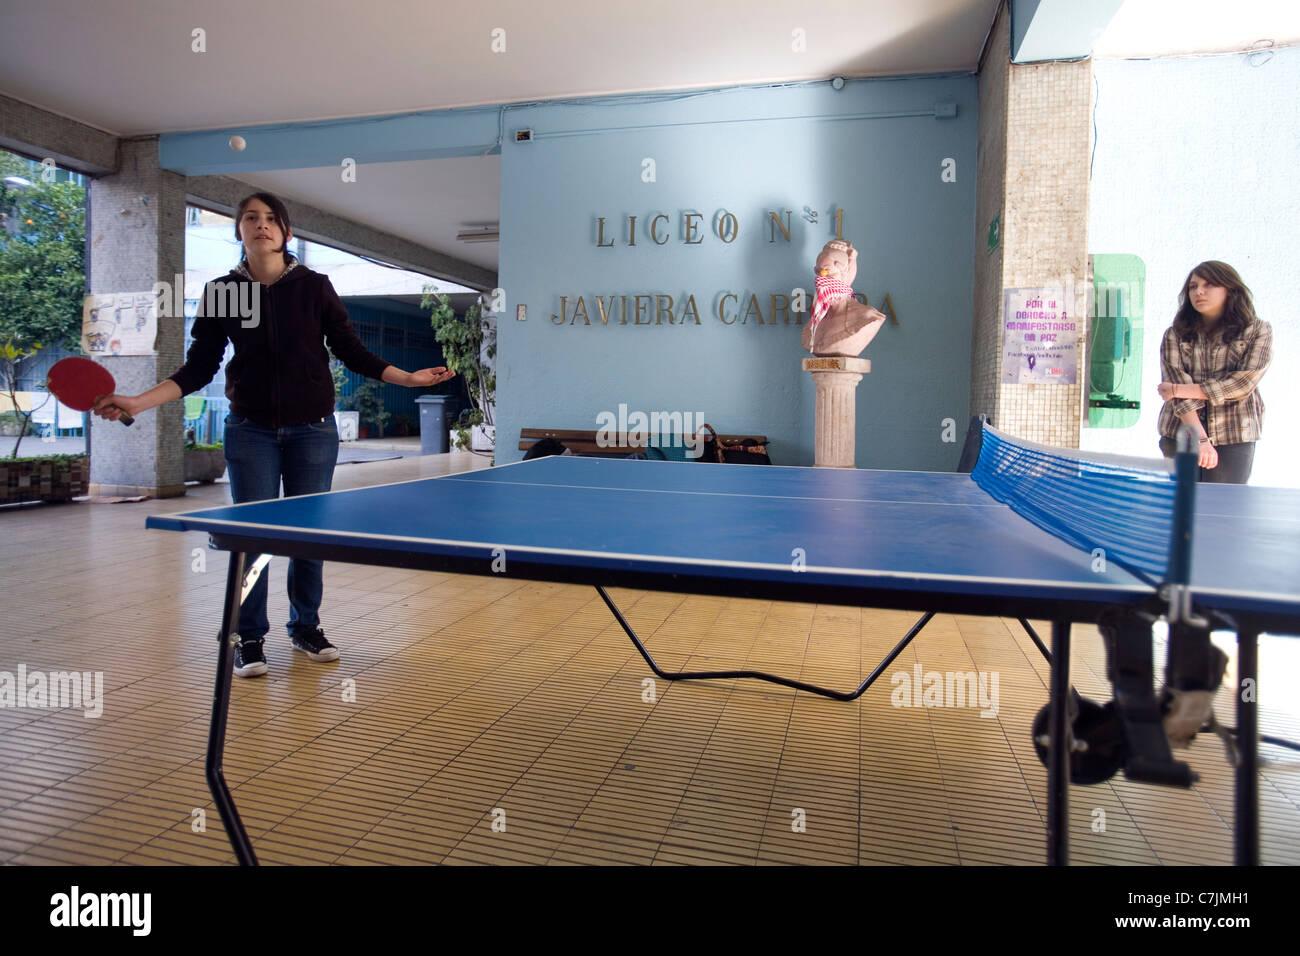 """Giovani studenti giocando a ping-pong nel Liceo occupato Nº1 'Javiera Carrera"""" di alta scuola per Immagini Stock"""